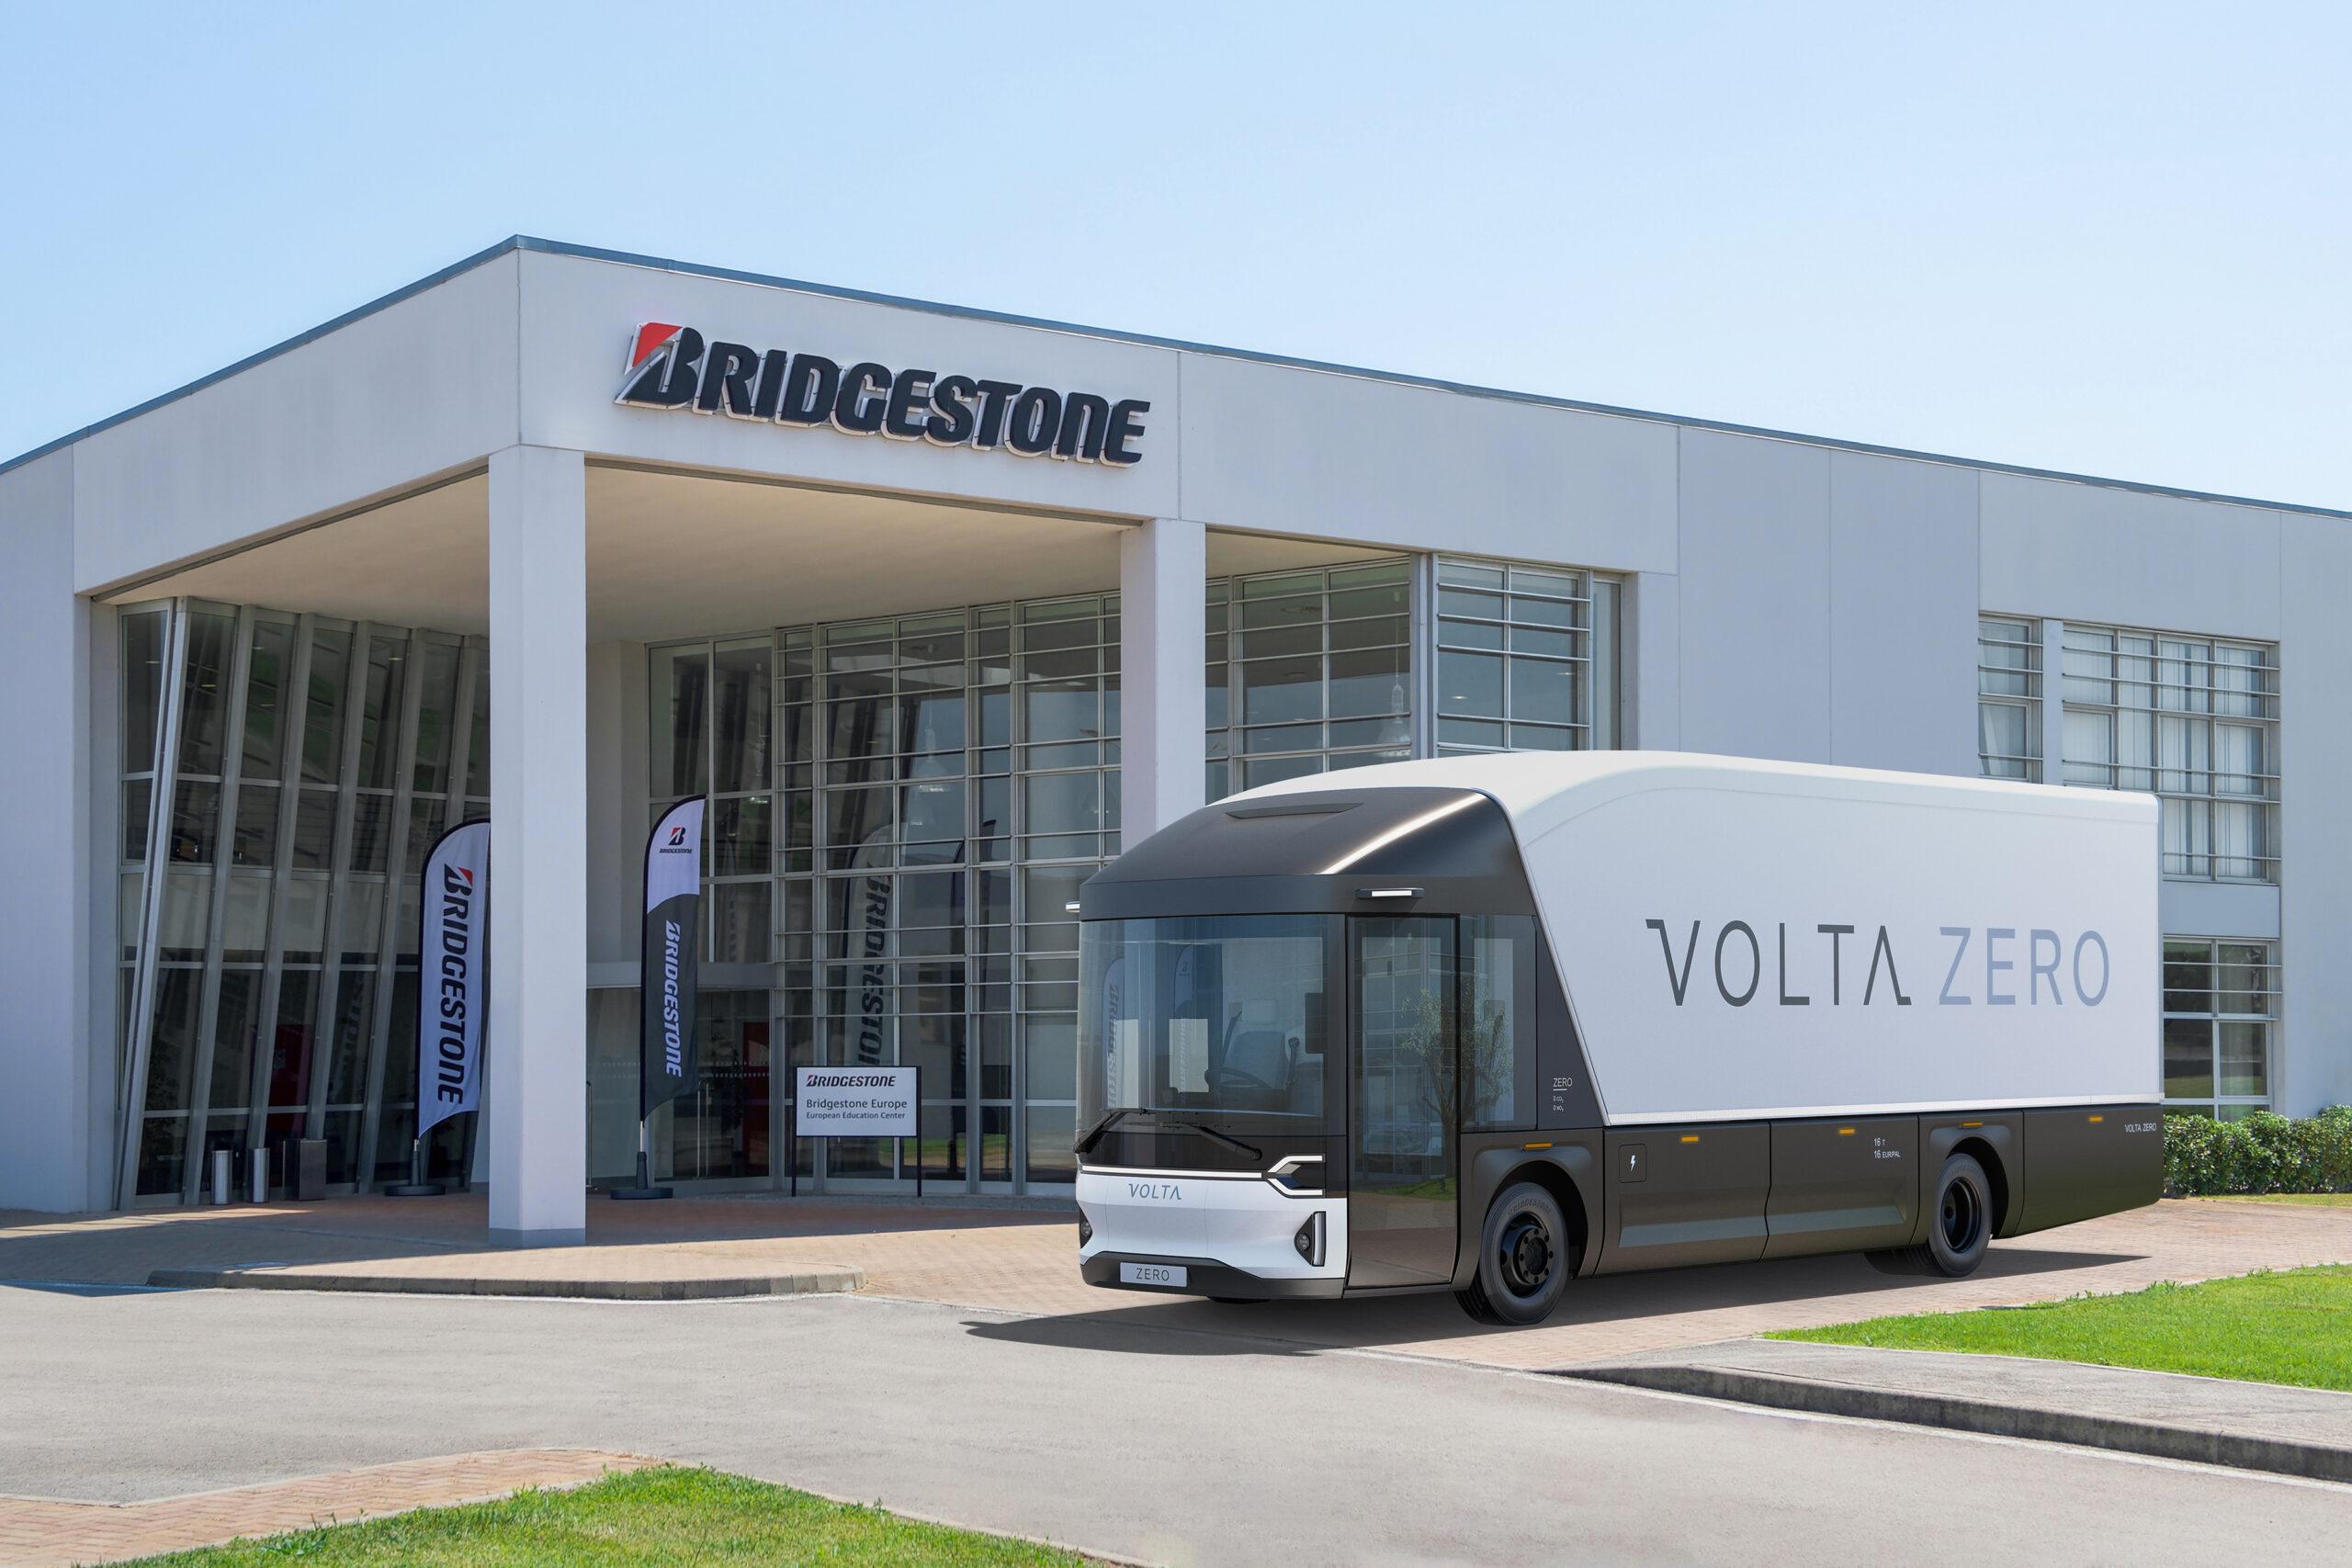 Bridgestone liefert Reifen für Volta Zero Trucks